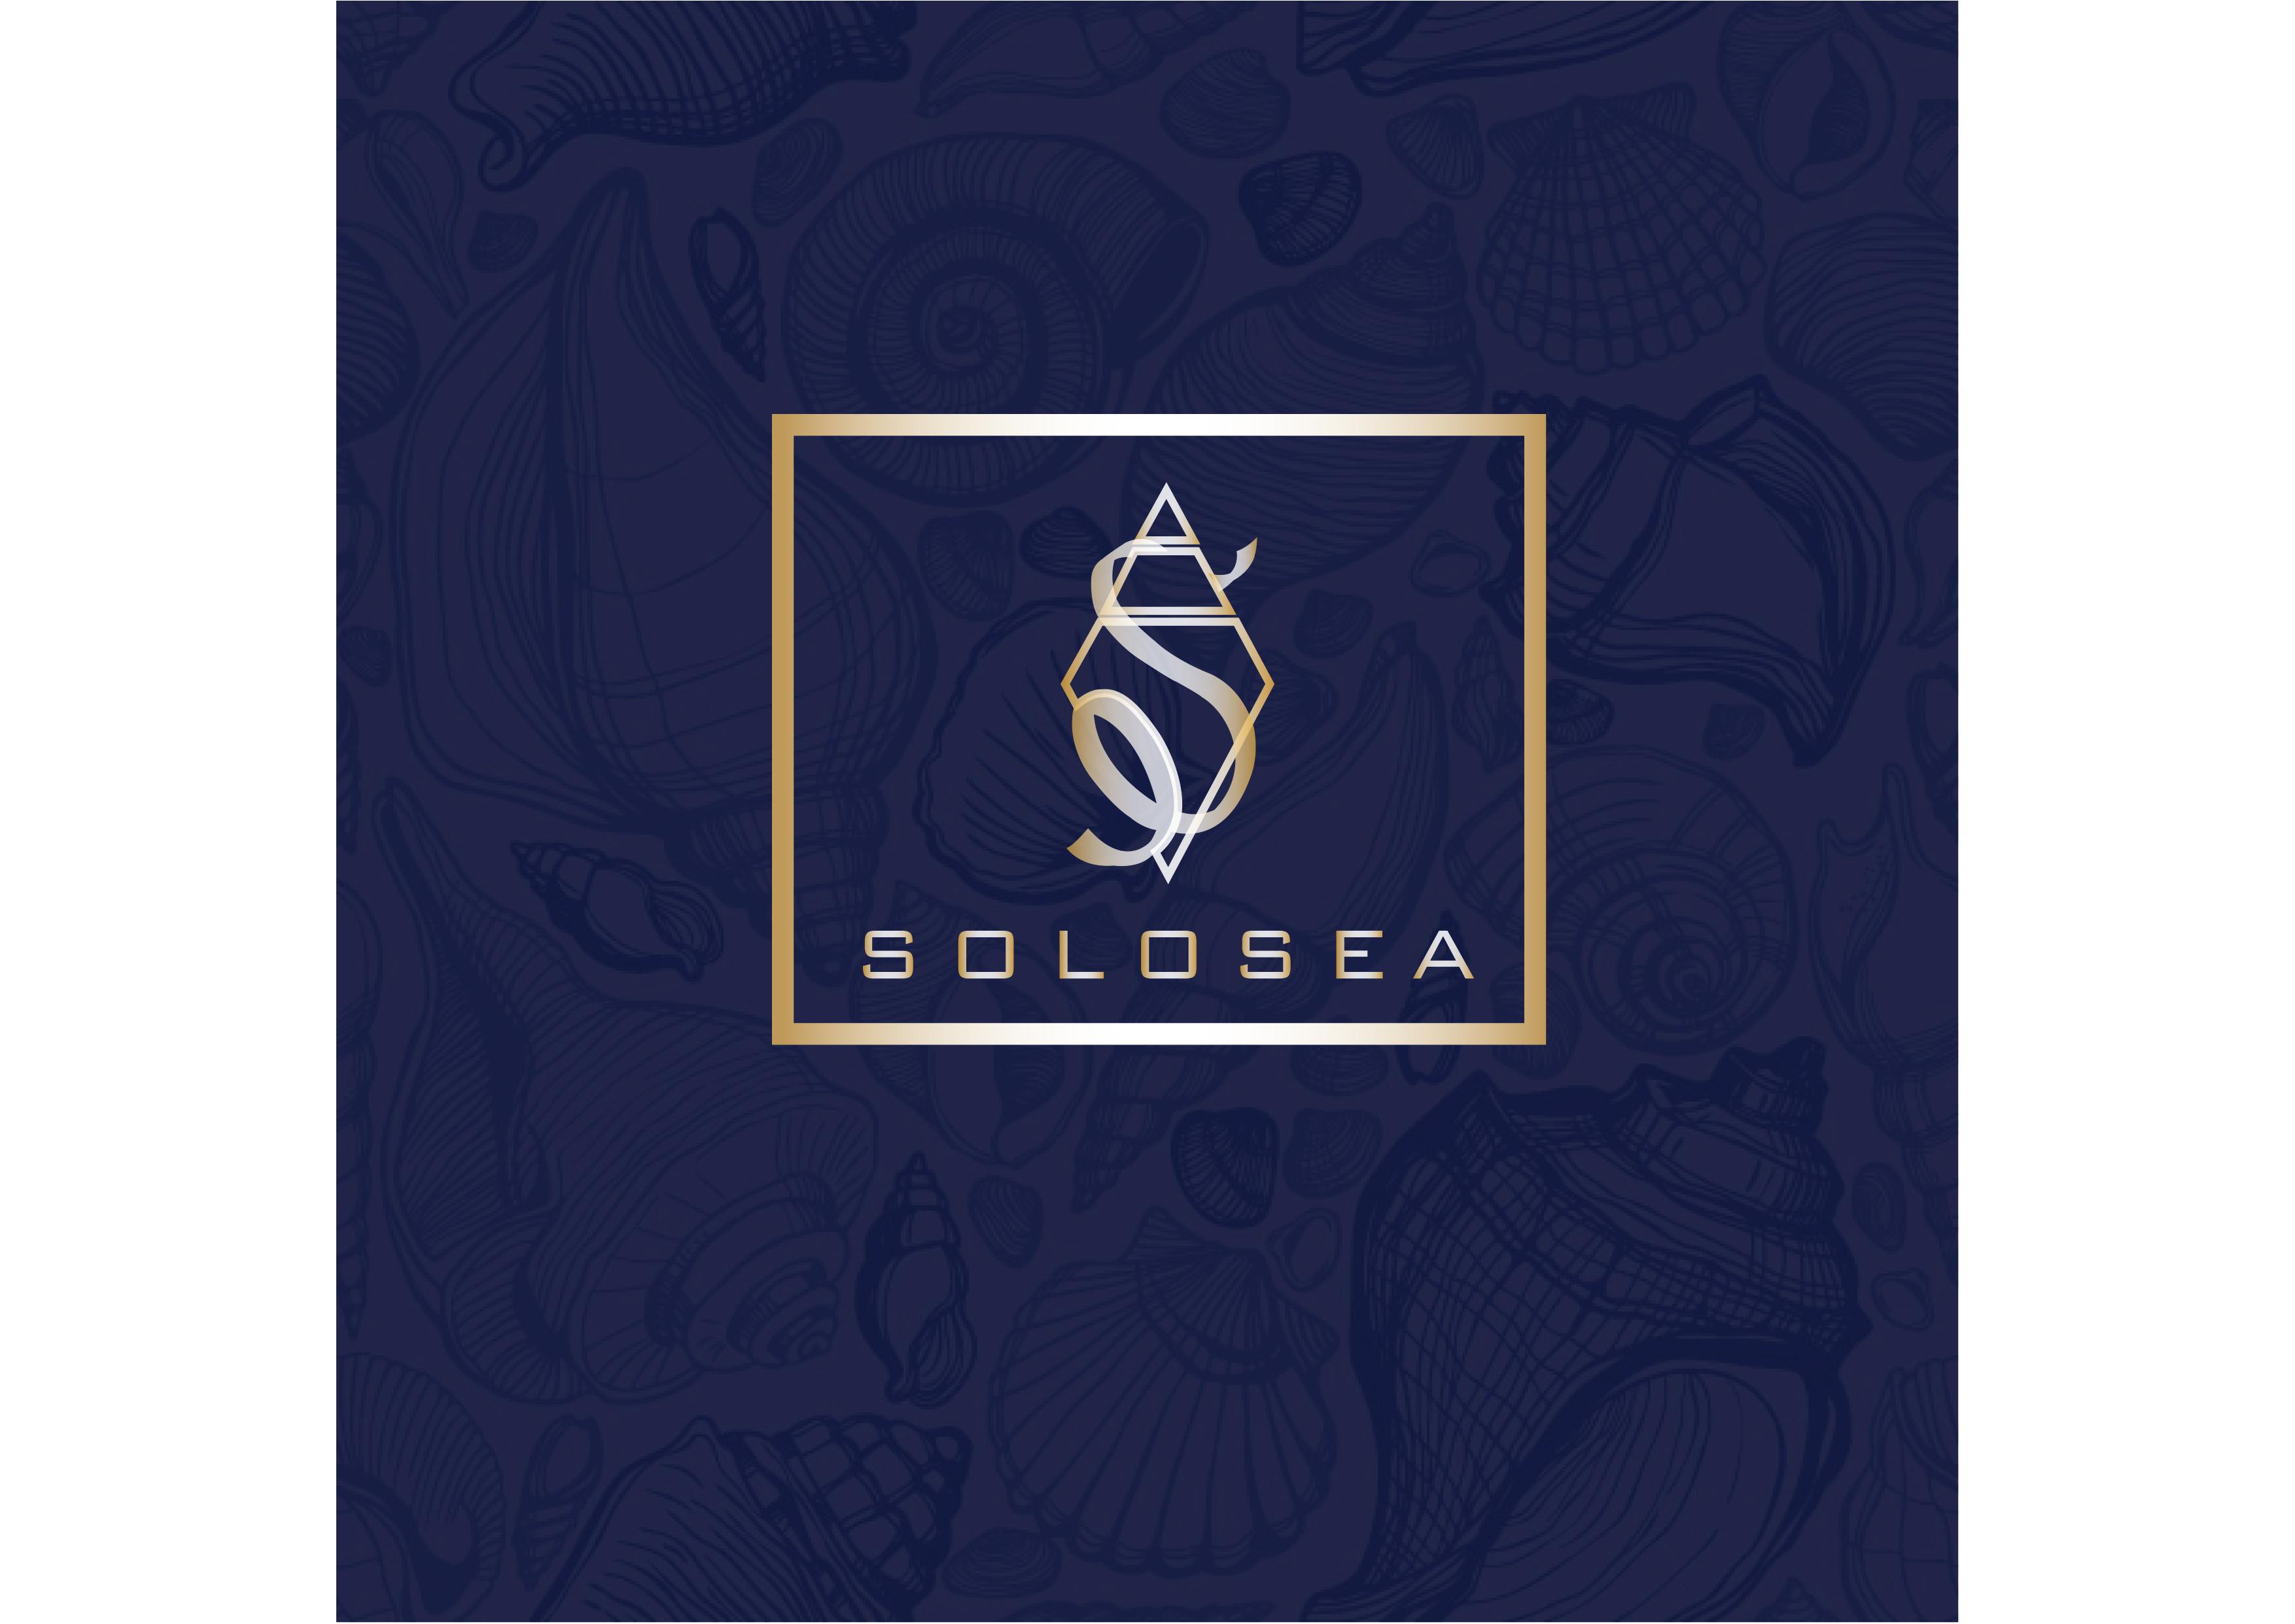 SOLOSEA